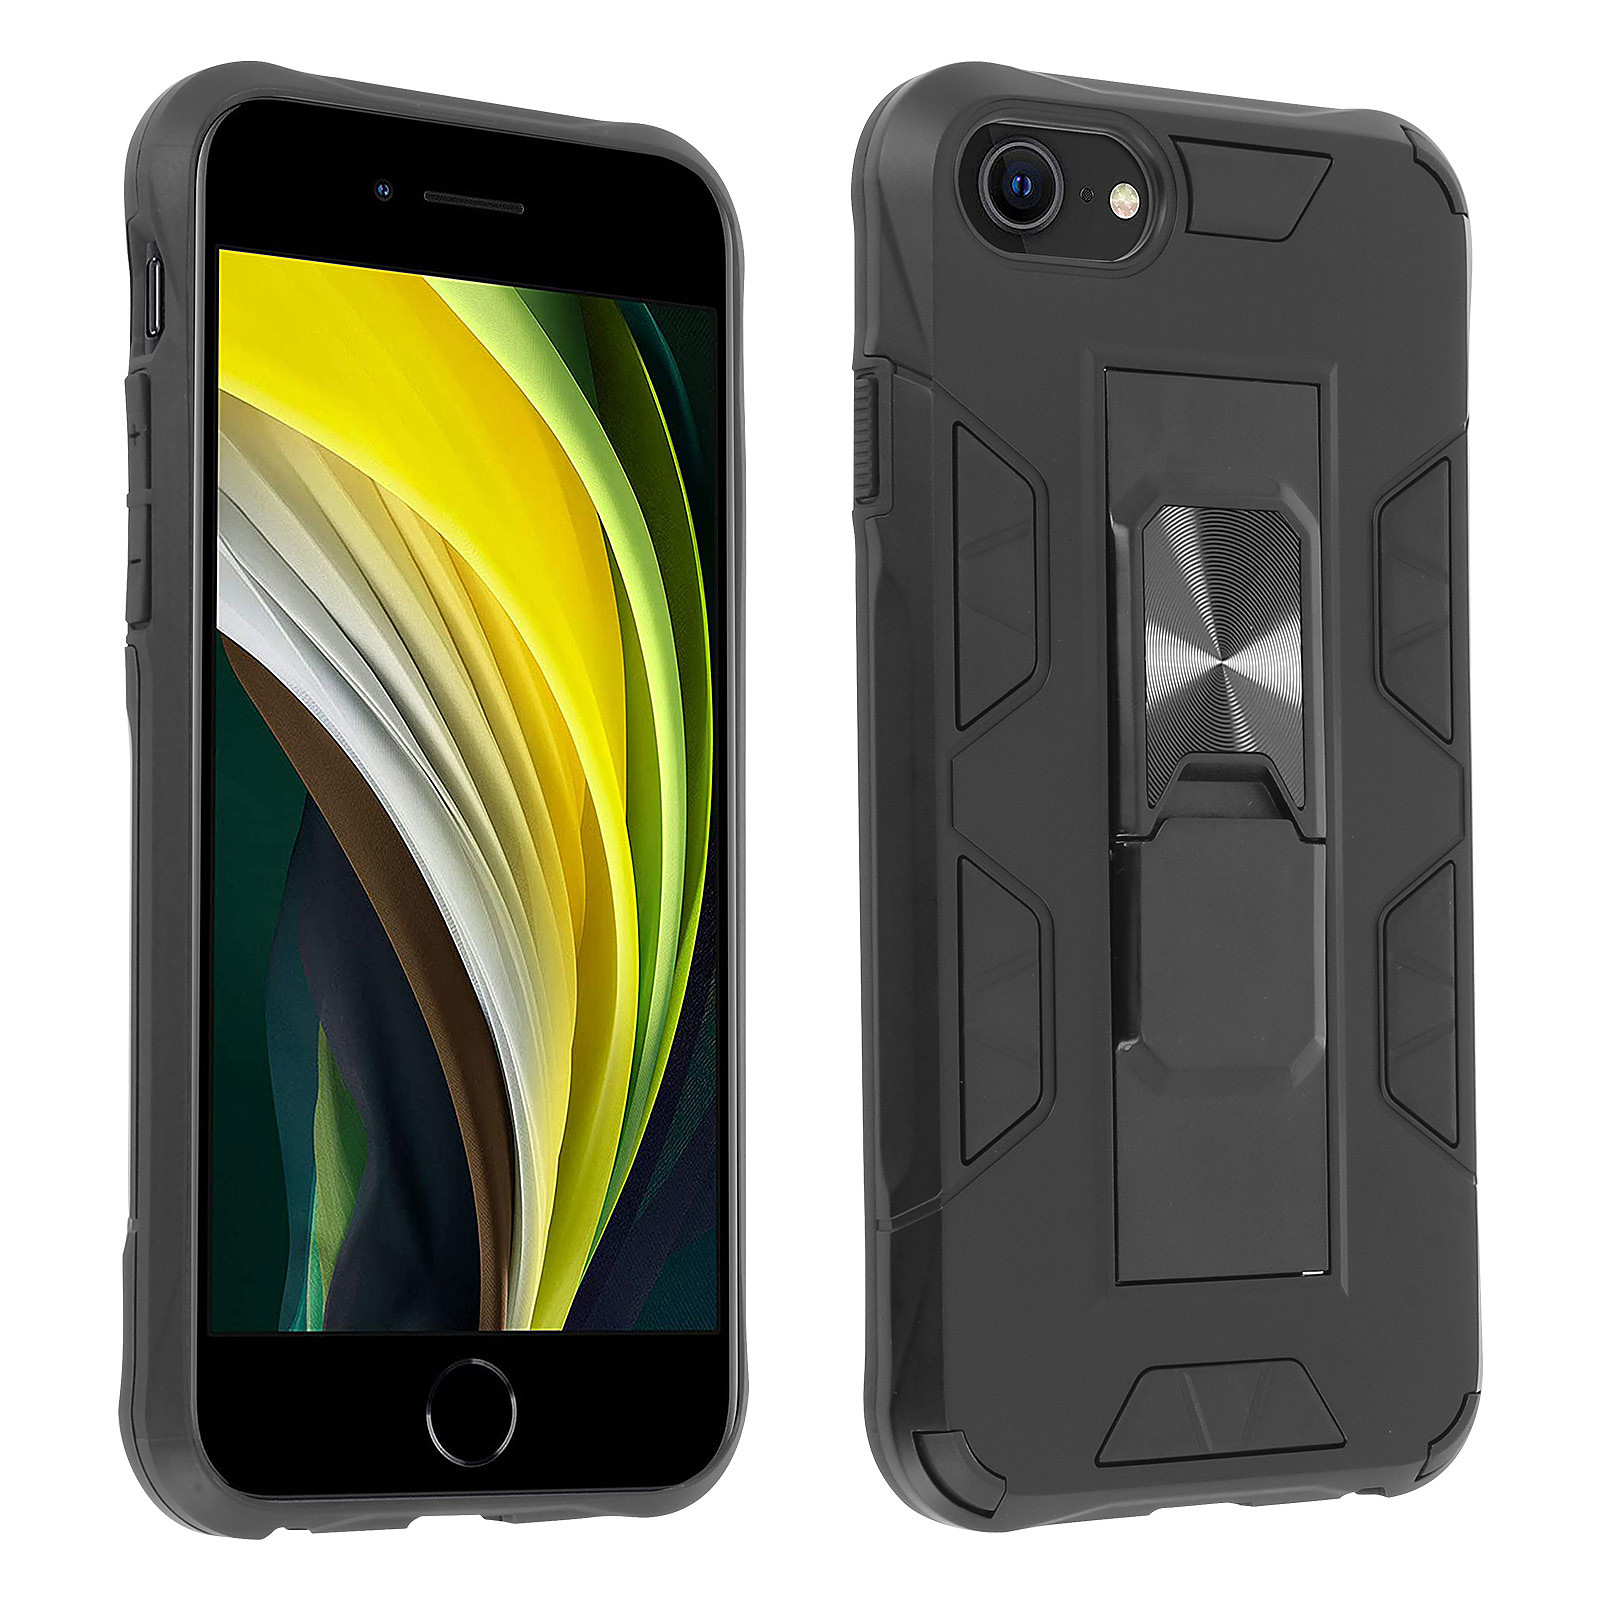 Avizar Coque Apple iPhone 6 / 6S / 7 / 8 / SE 2020 Hybride Béquille Support Noir - Coque téléphone Avizar sur LDLC